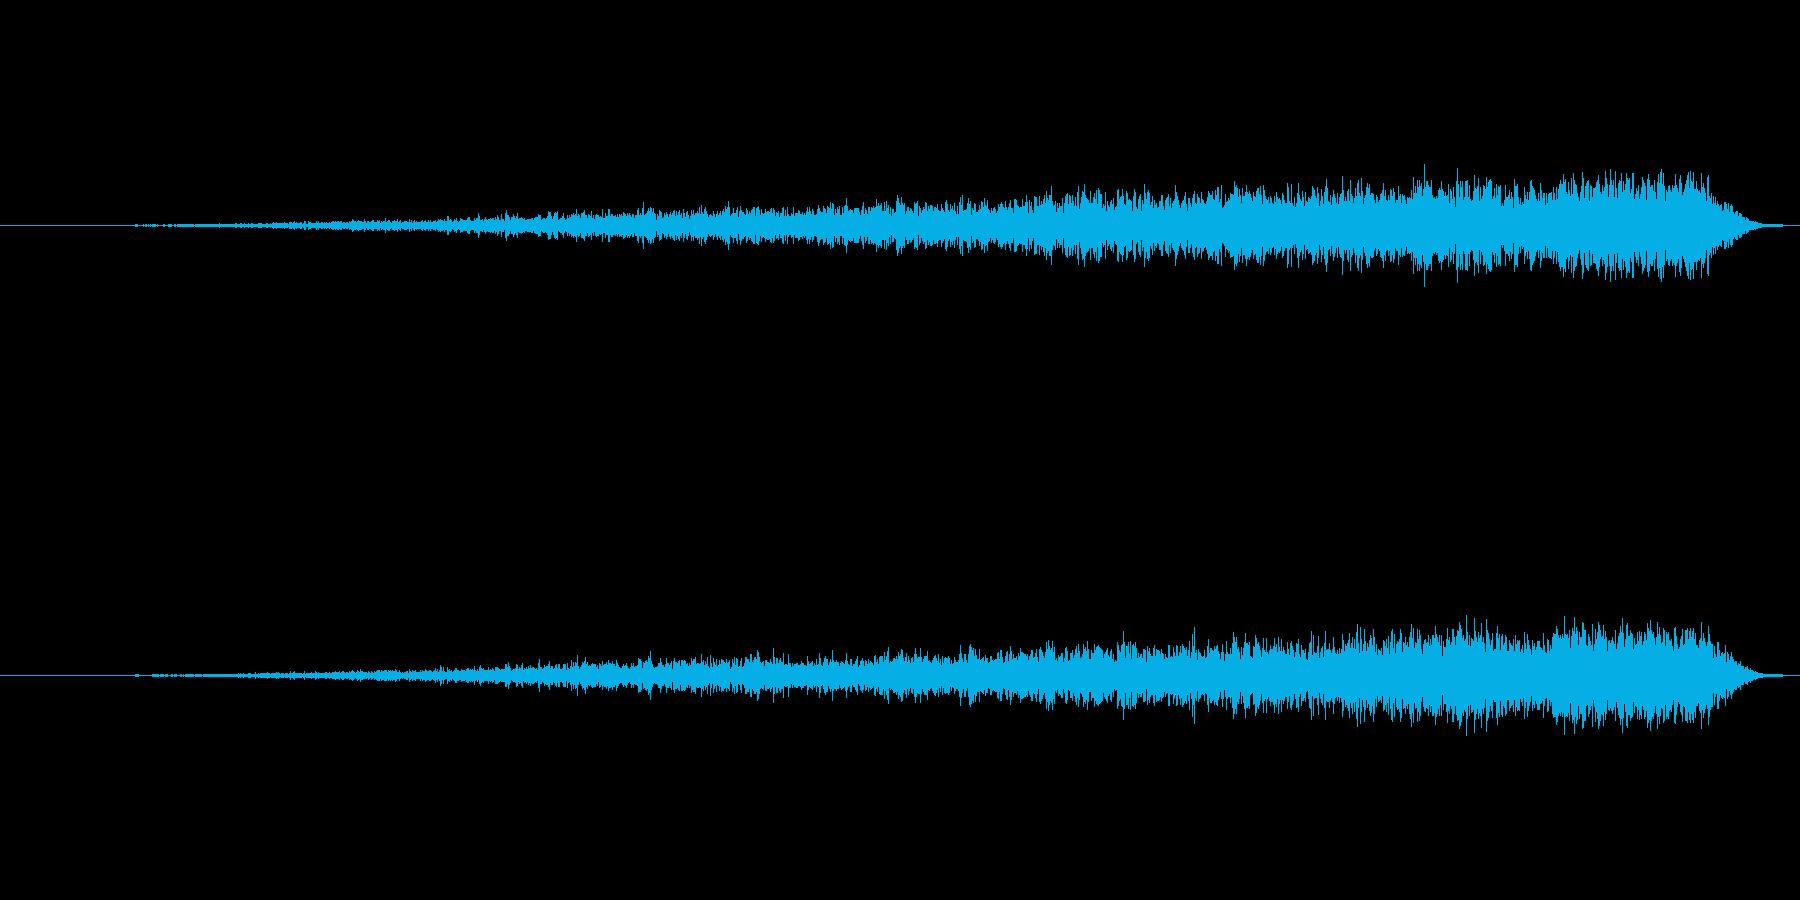 凄い勢いで何かが落ちていく音の再生済みの波形